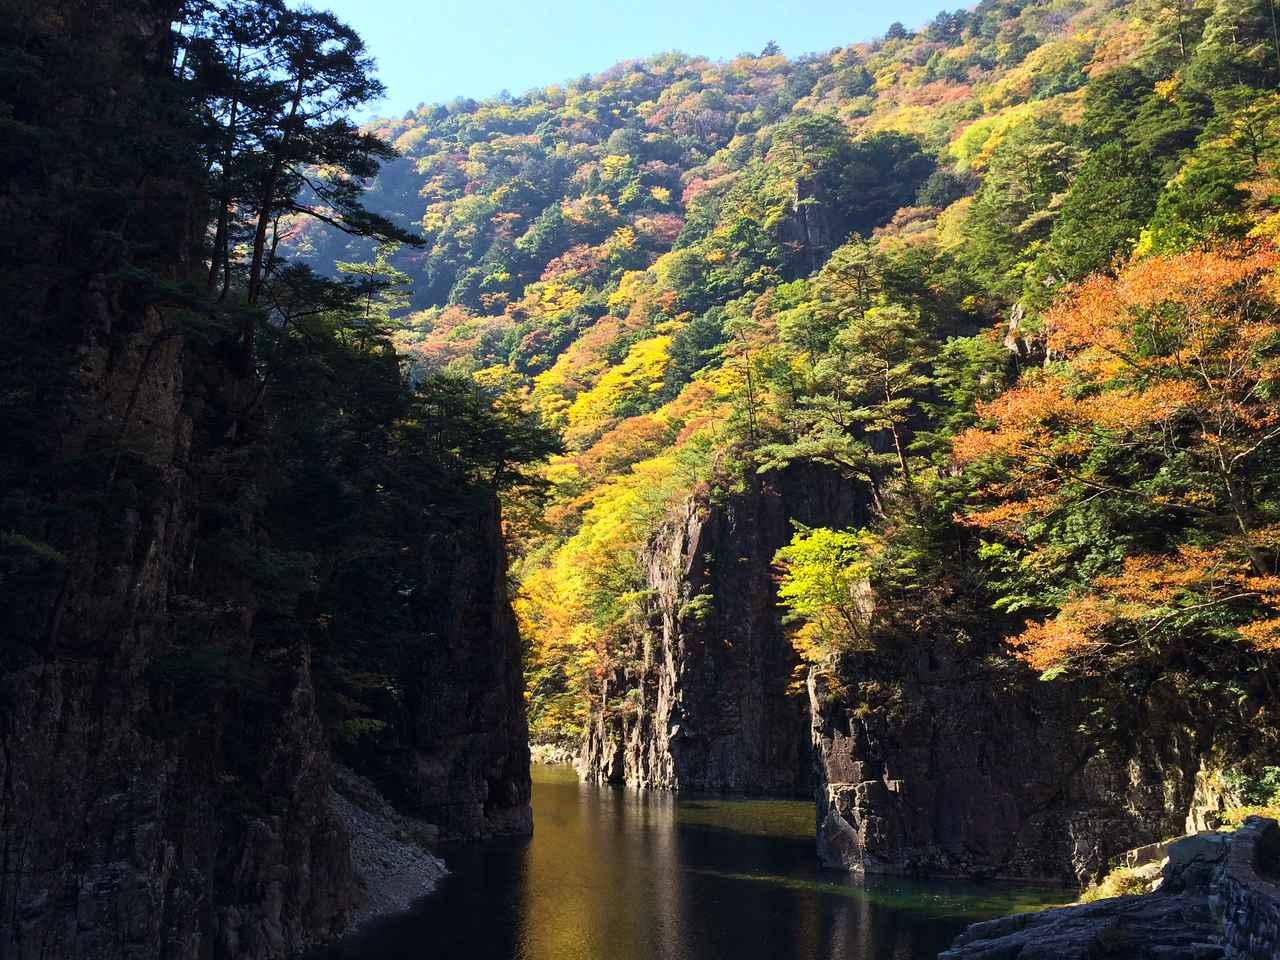 画像: 切り立つ大岩壁と原生林、澄み切った水面が幻想的な空間を繰り広げる黒淵渡舟(イメージ)